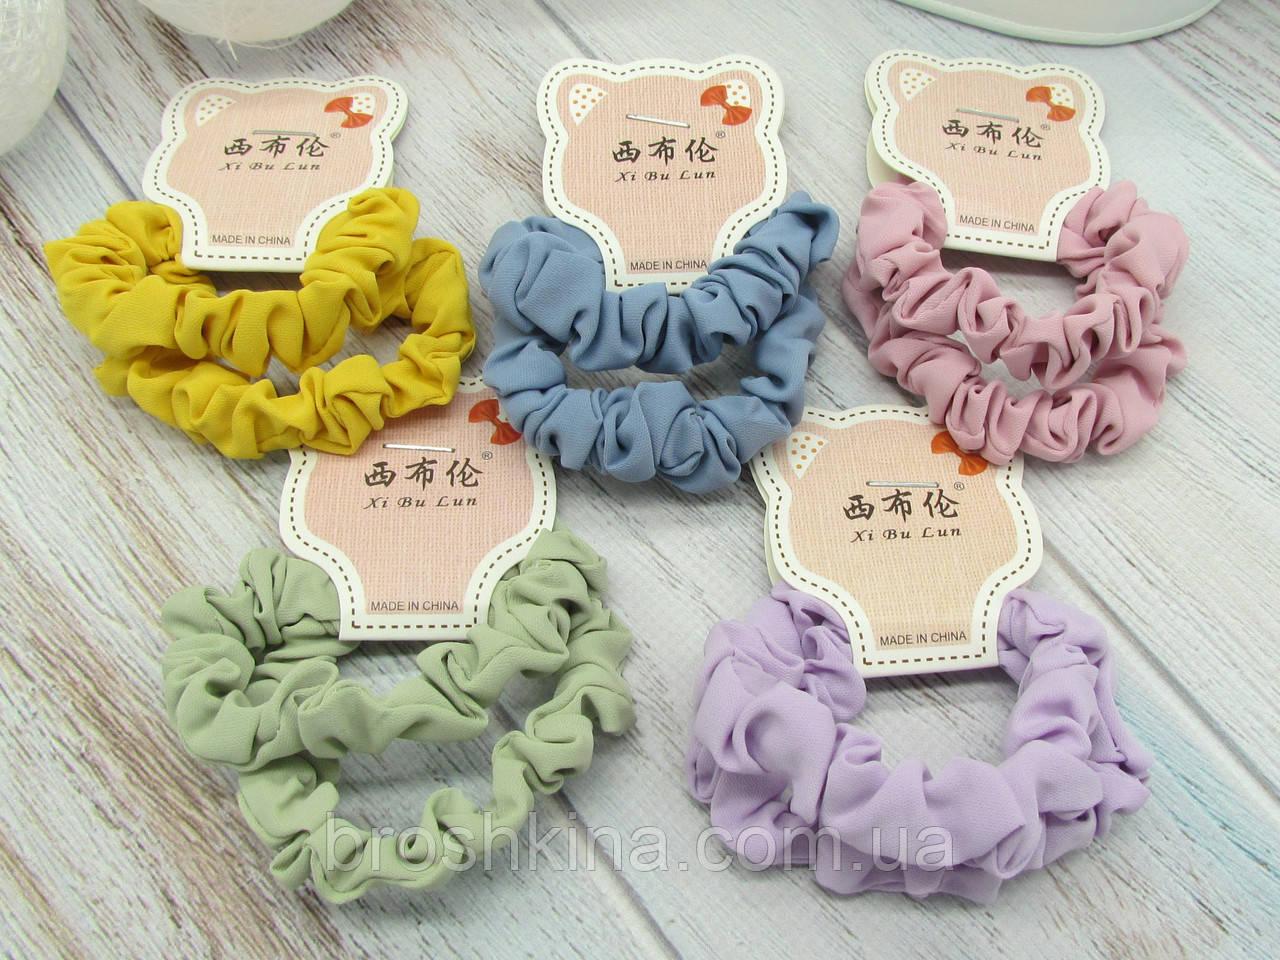 Резинки для волос Ø6 см цветные 20 шт/уп.